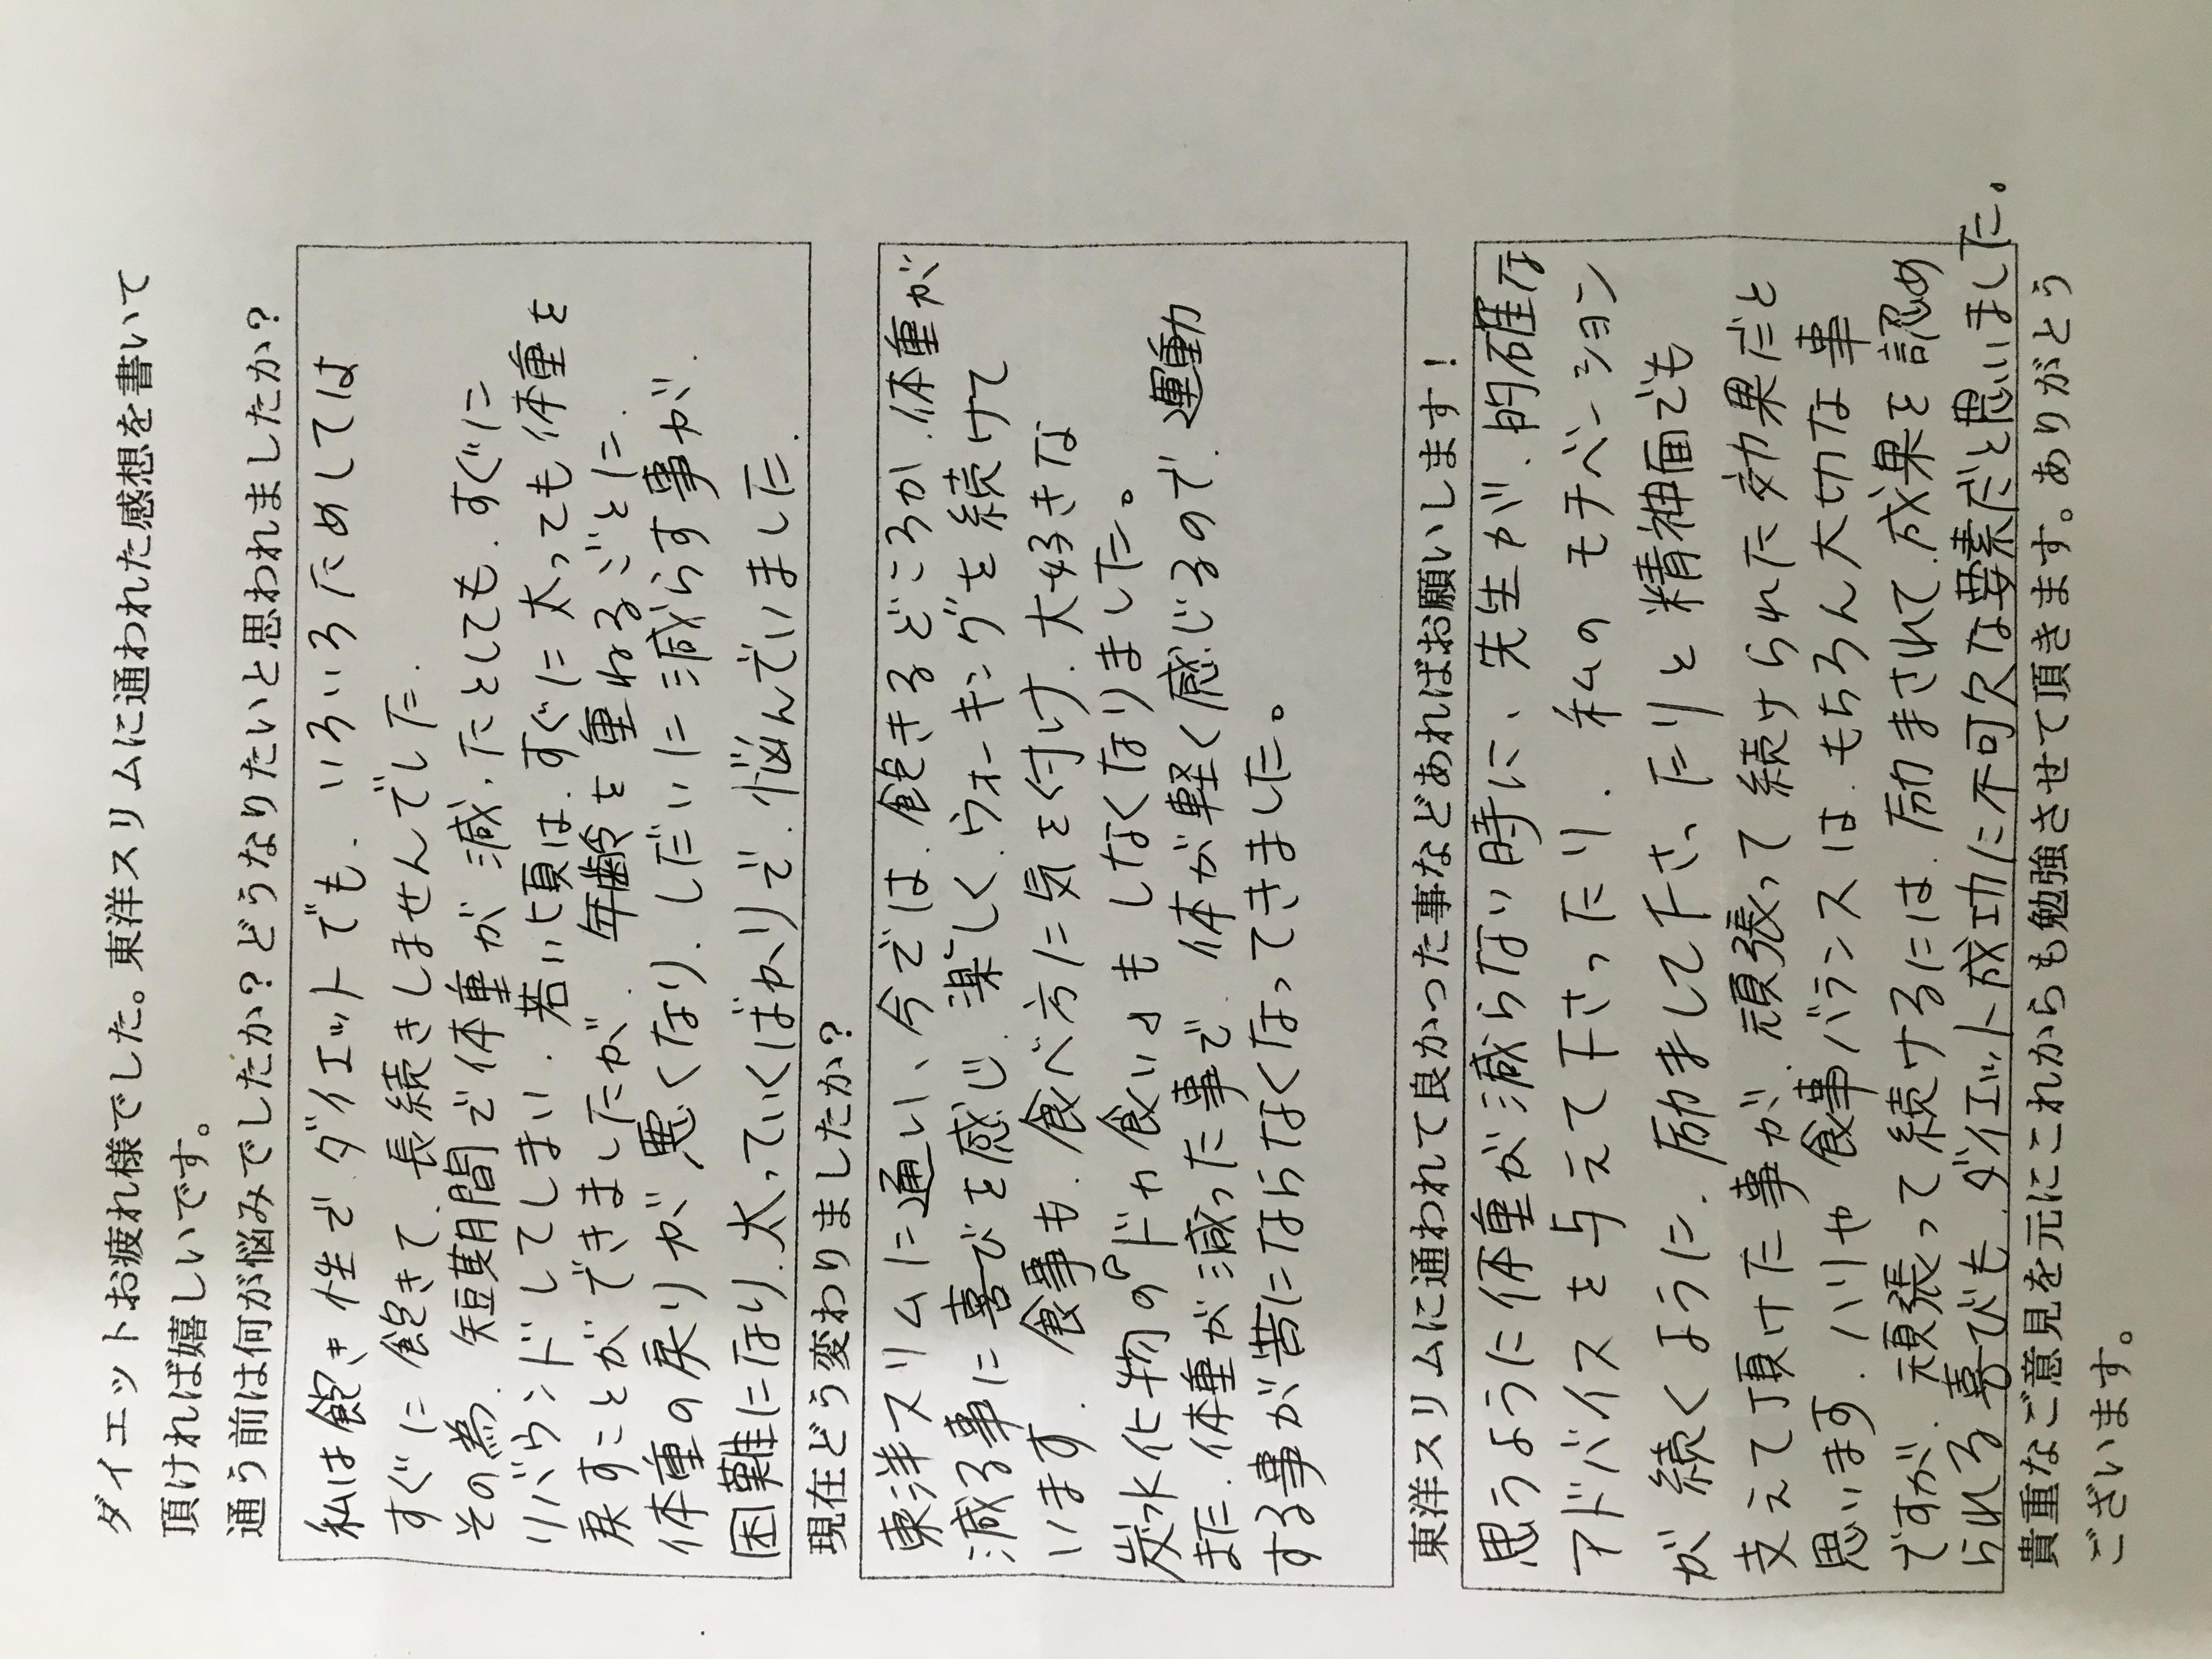 大阪市平野区Tさん47才耳つぼダイエットでー5.7kgで49kgに。ドカ食いしなくなりました。